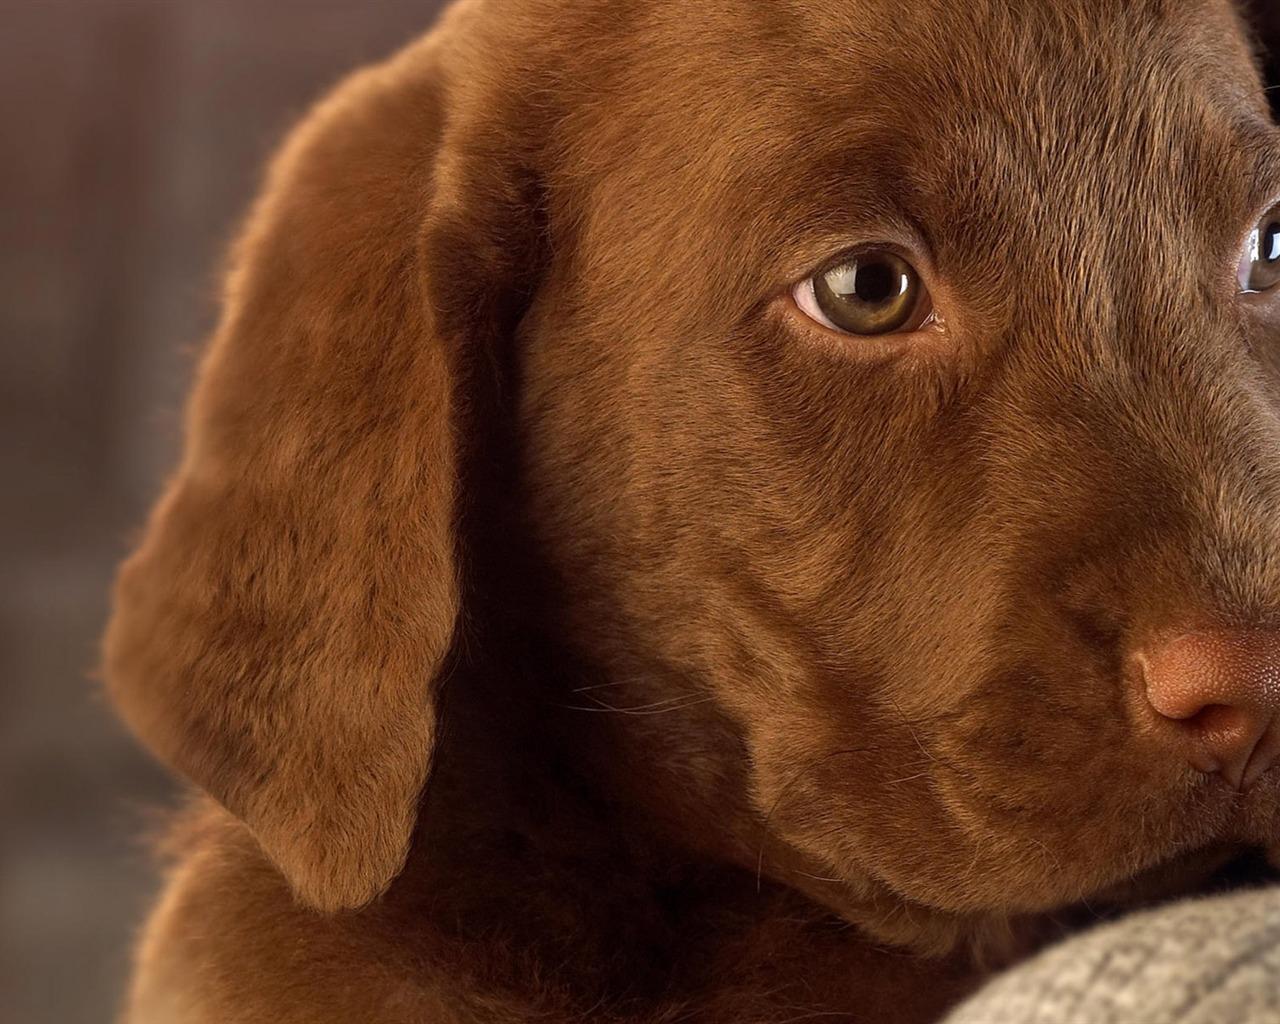 Roztomilý pes 18 1280x1024 foto popis hd wallpaper roztomilý